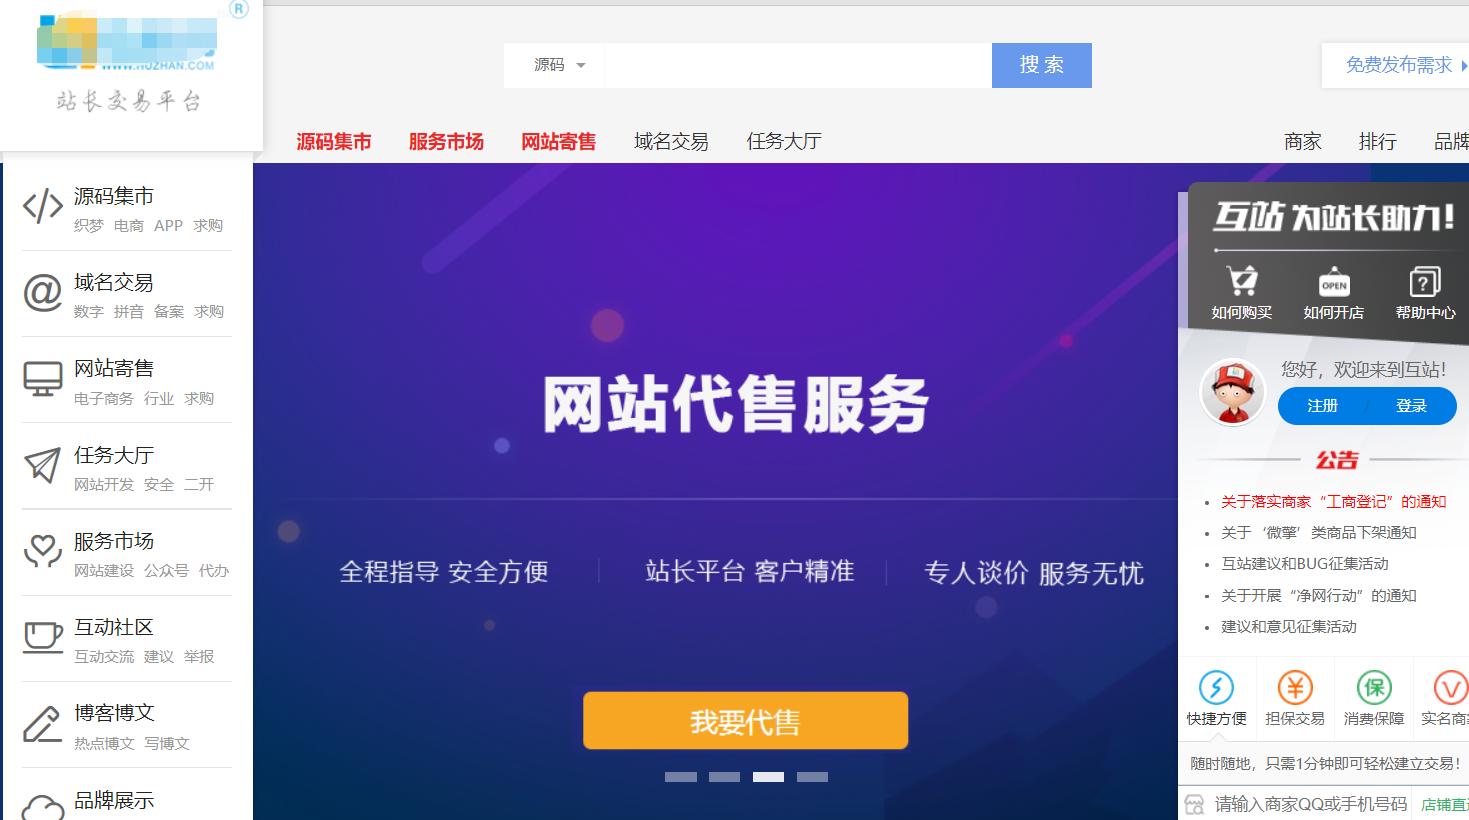 虚拟产物网站生意业务图